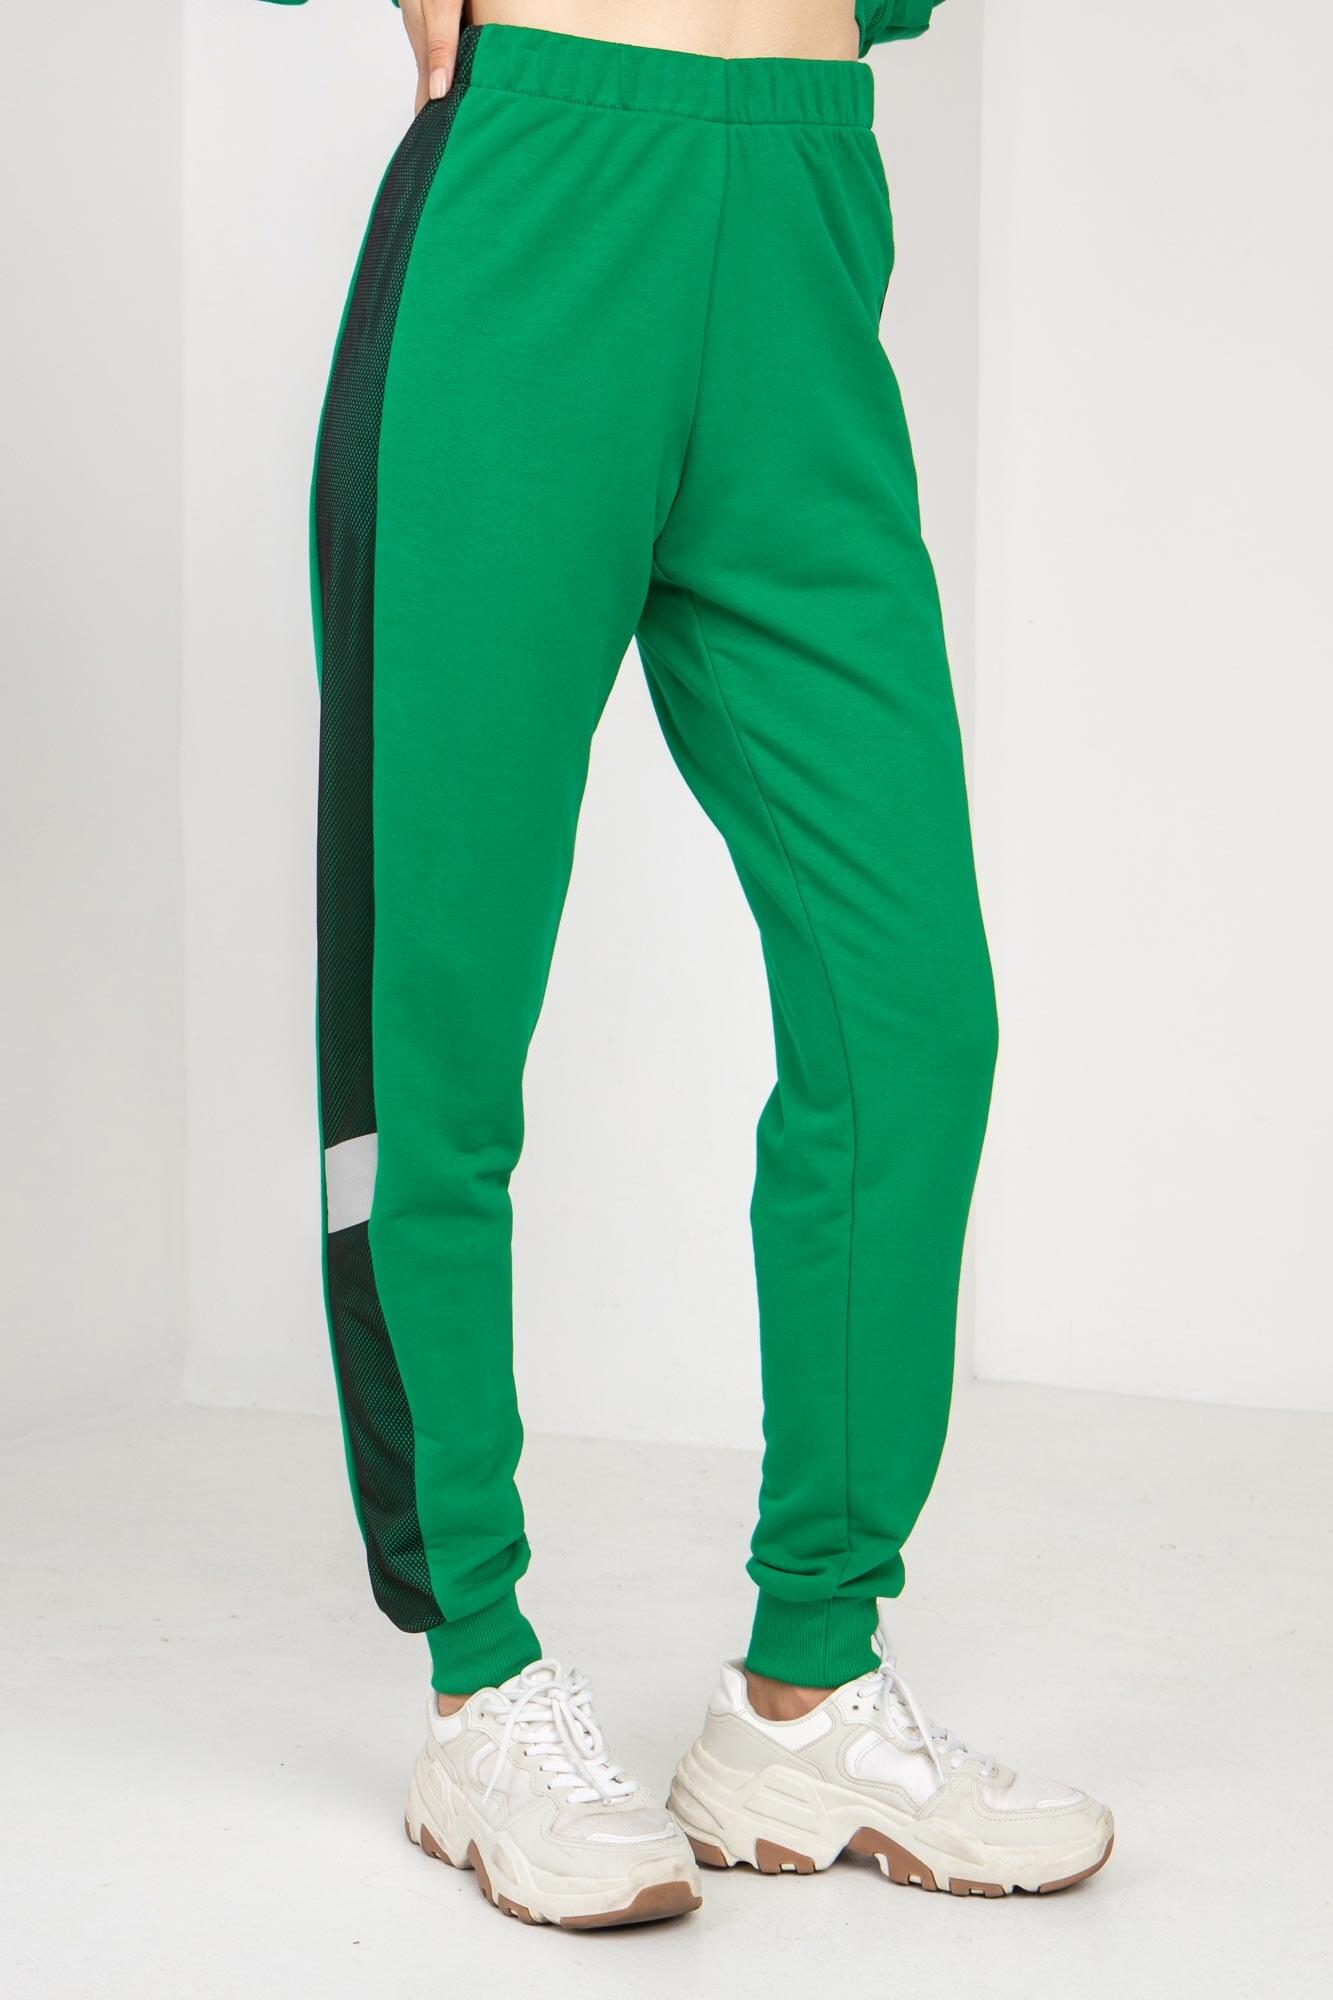 Трикотажные спортивные штаны LATE зеленые с рефлективом